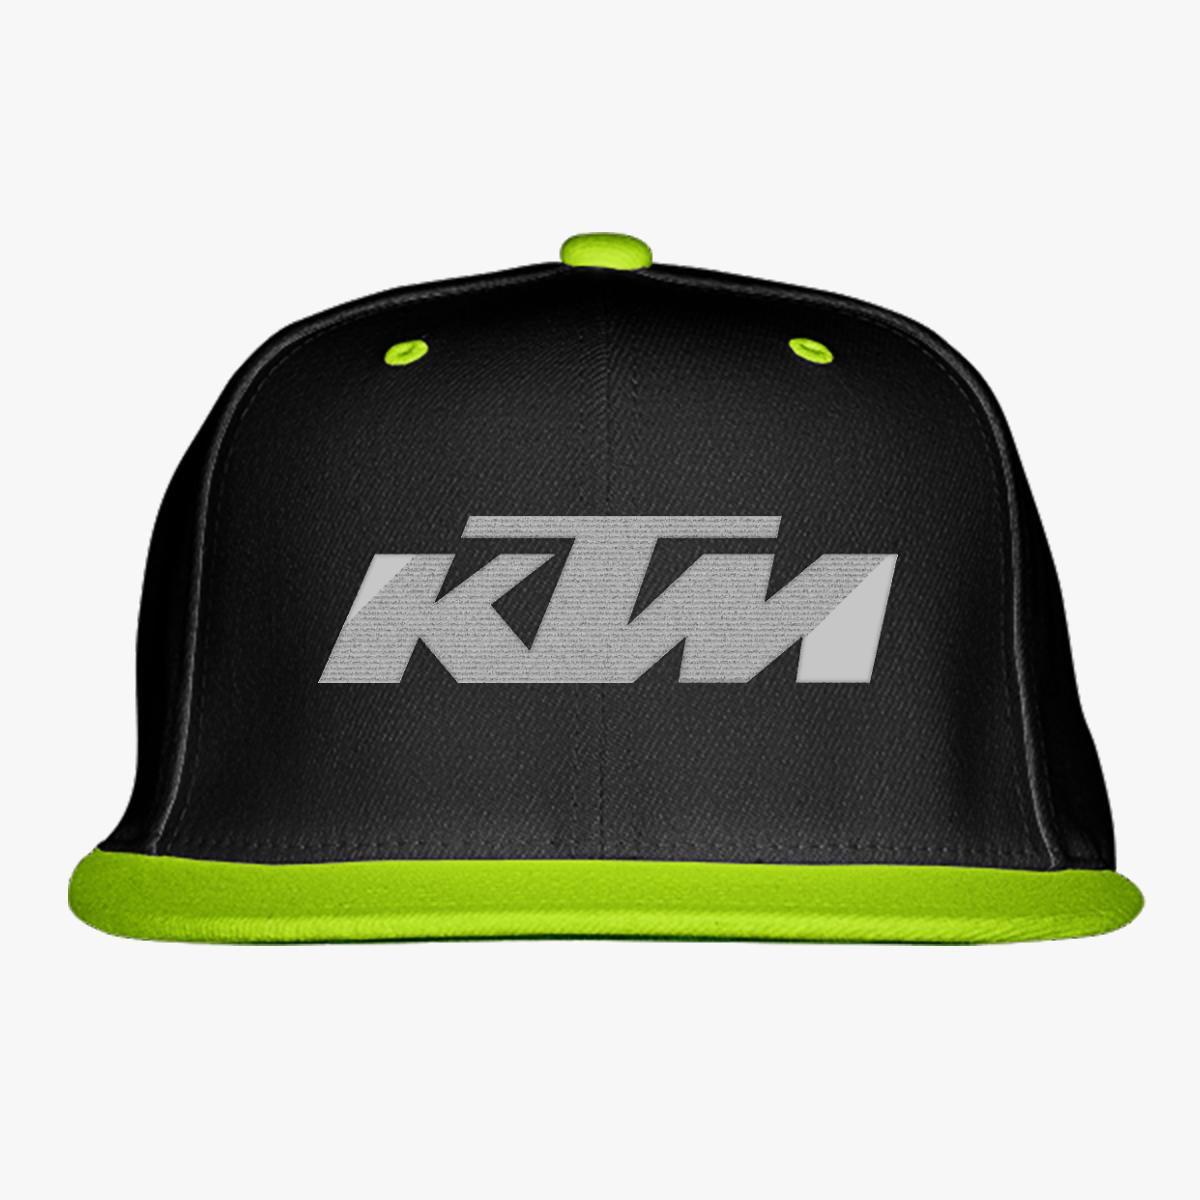 ed443efff3a048 Ktm Snapback Hat (Embroidered) - Customon